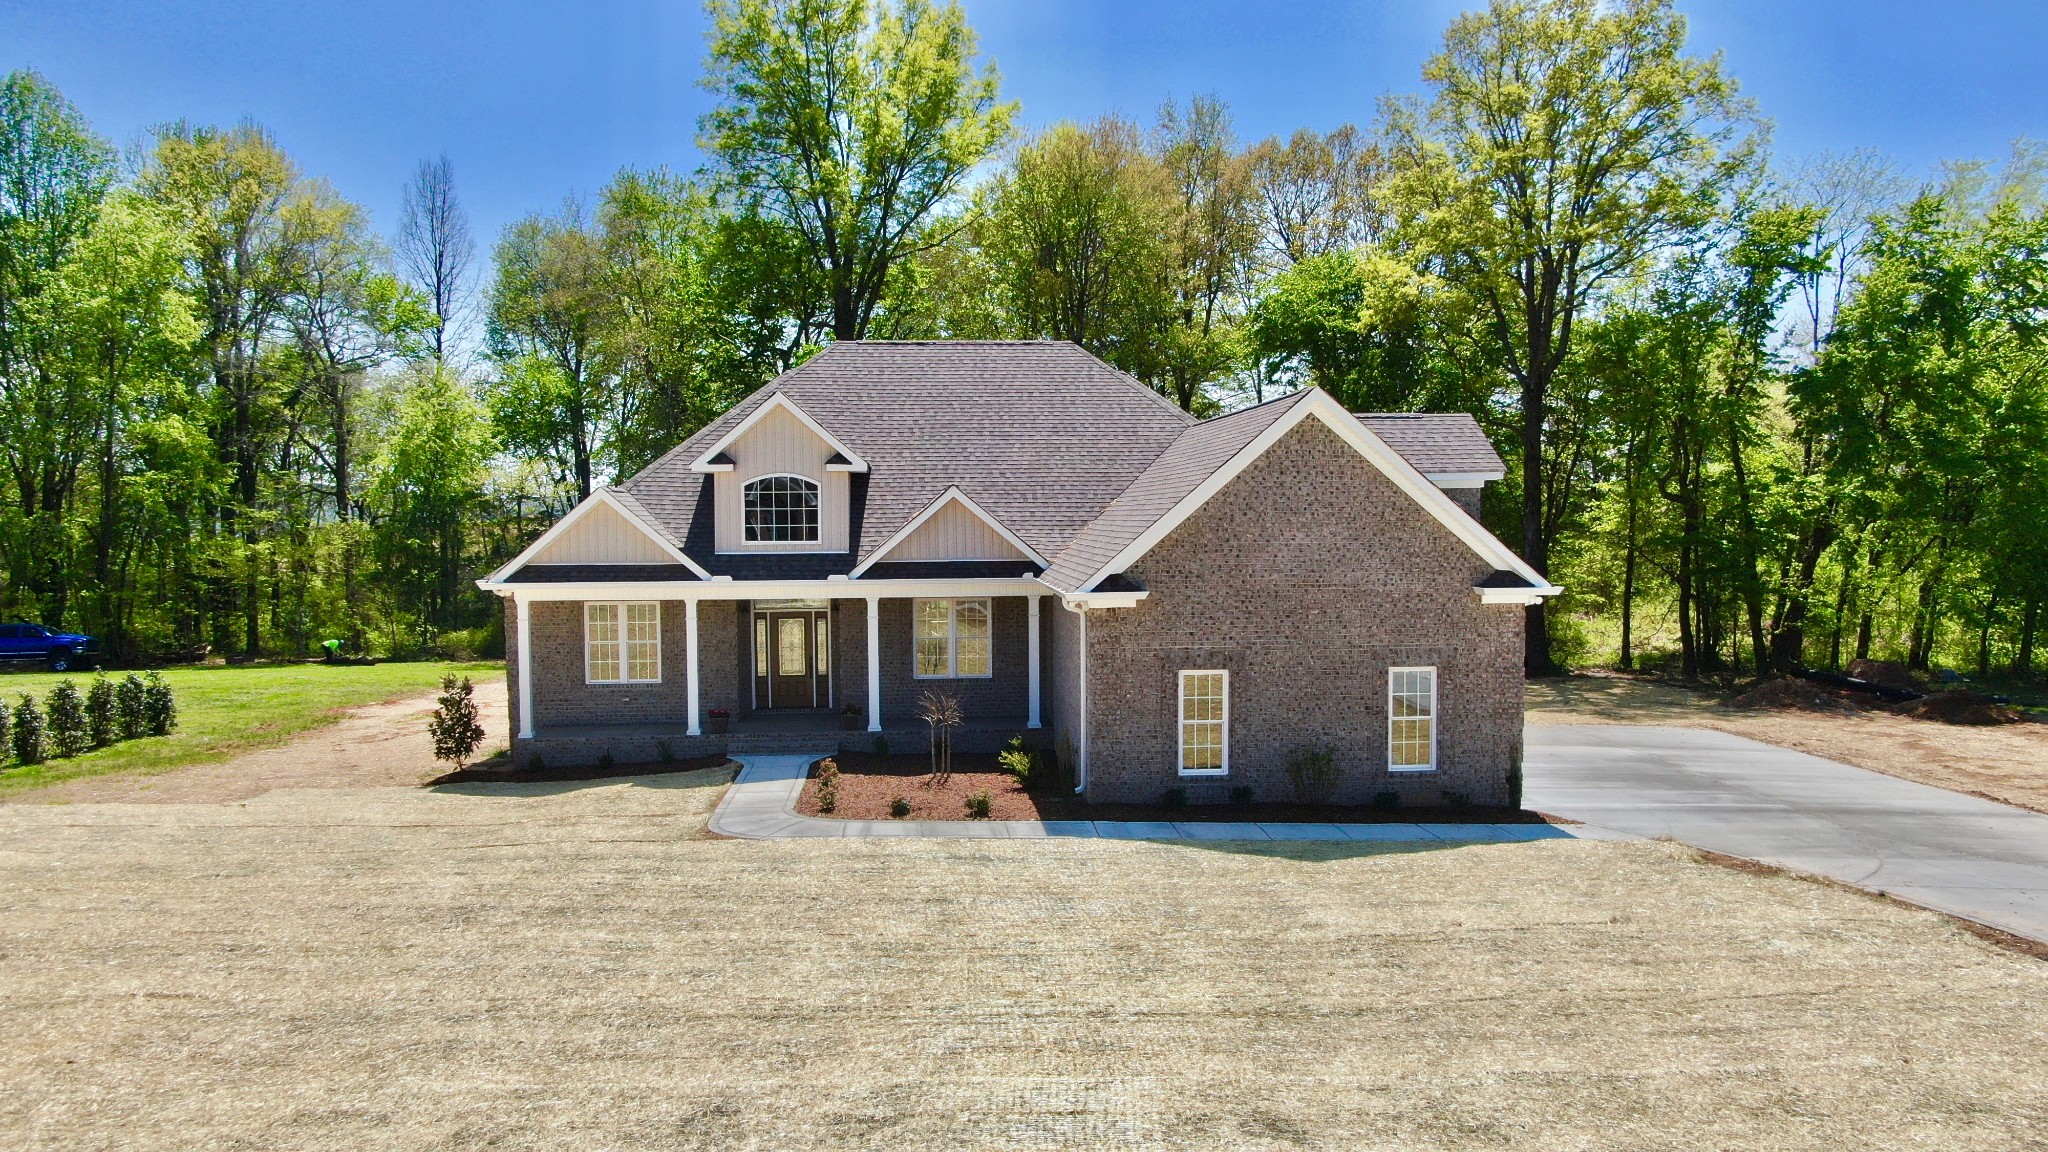 1032 Founders Ln, Portland, TN 37148 - Portland, TN real estate listing